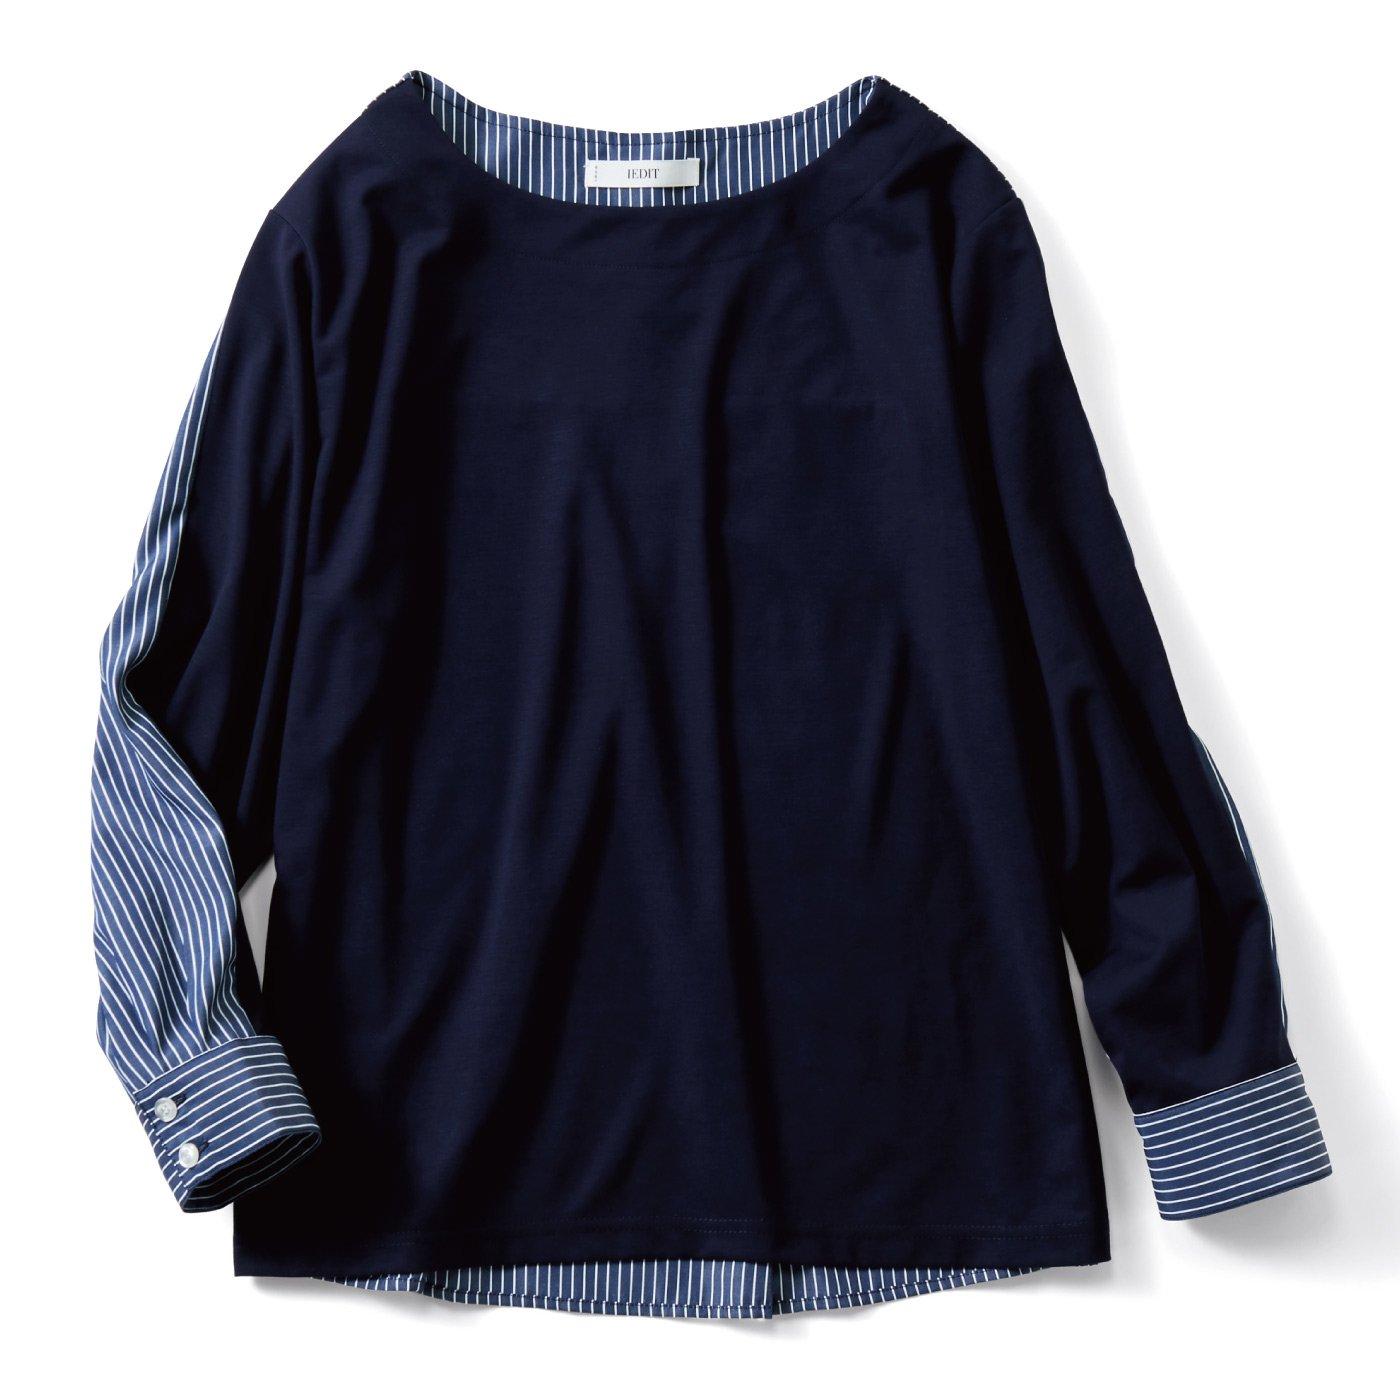 IEDIT[イディット] Tシャツ以上ブラウス未満のドッキングトップス〈ネイビー〉